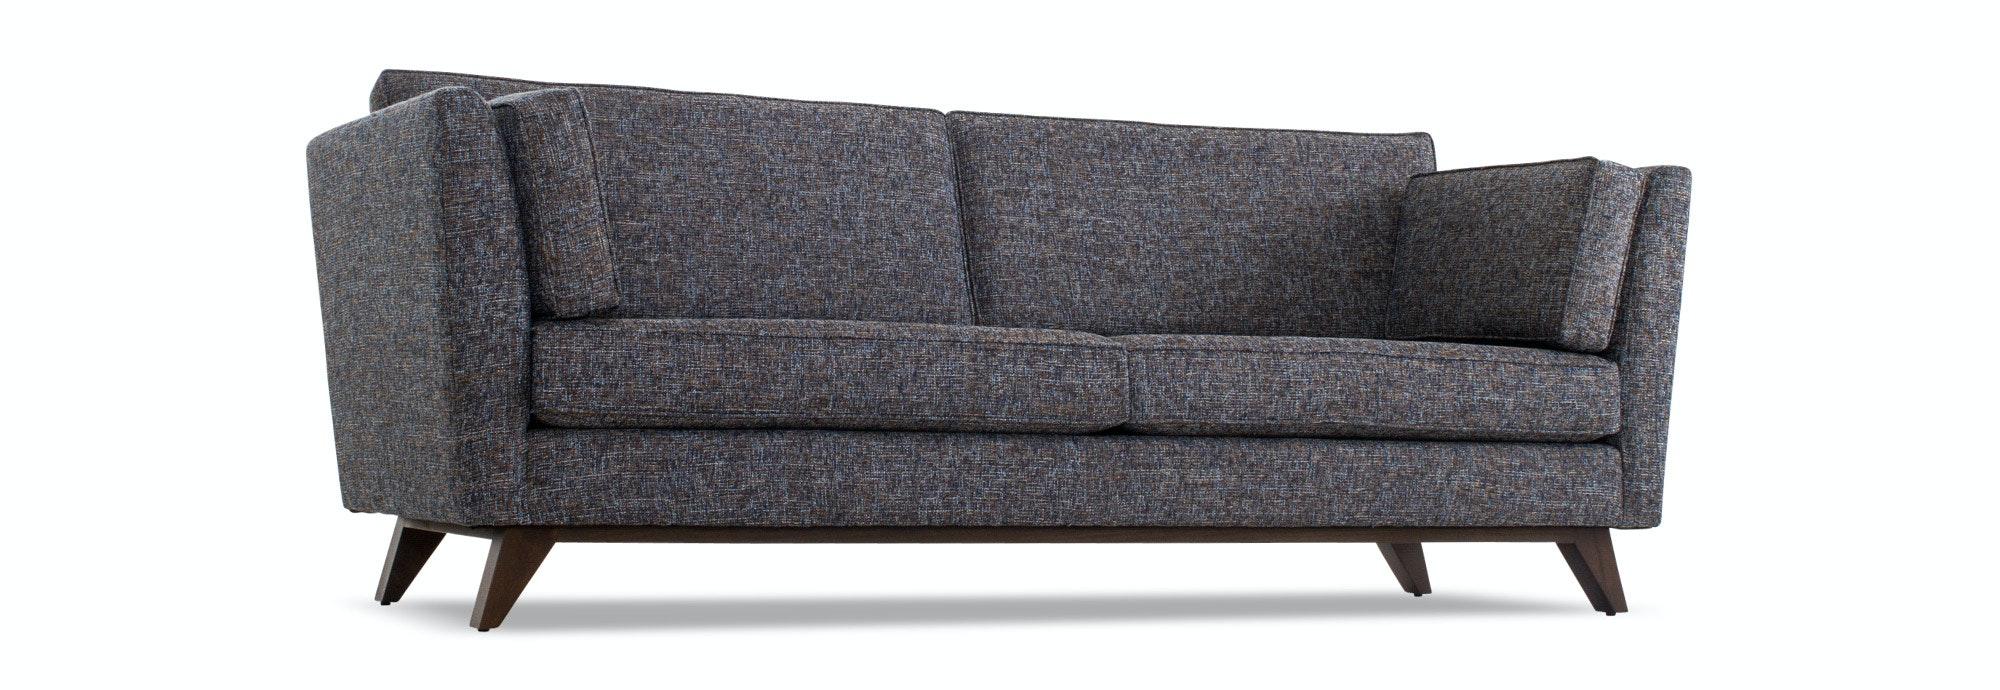 Roller Sofa | Joybird